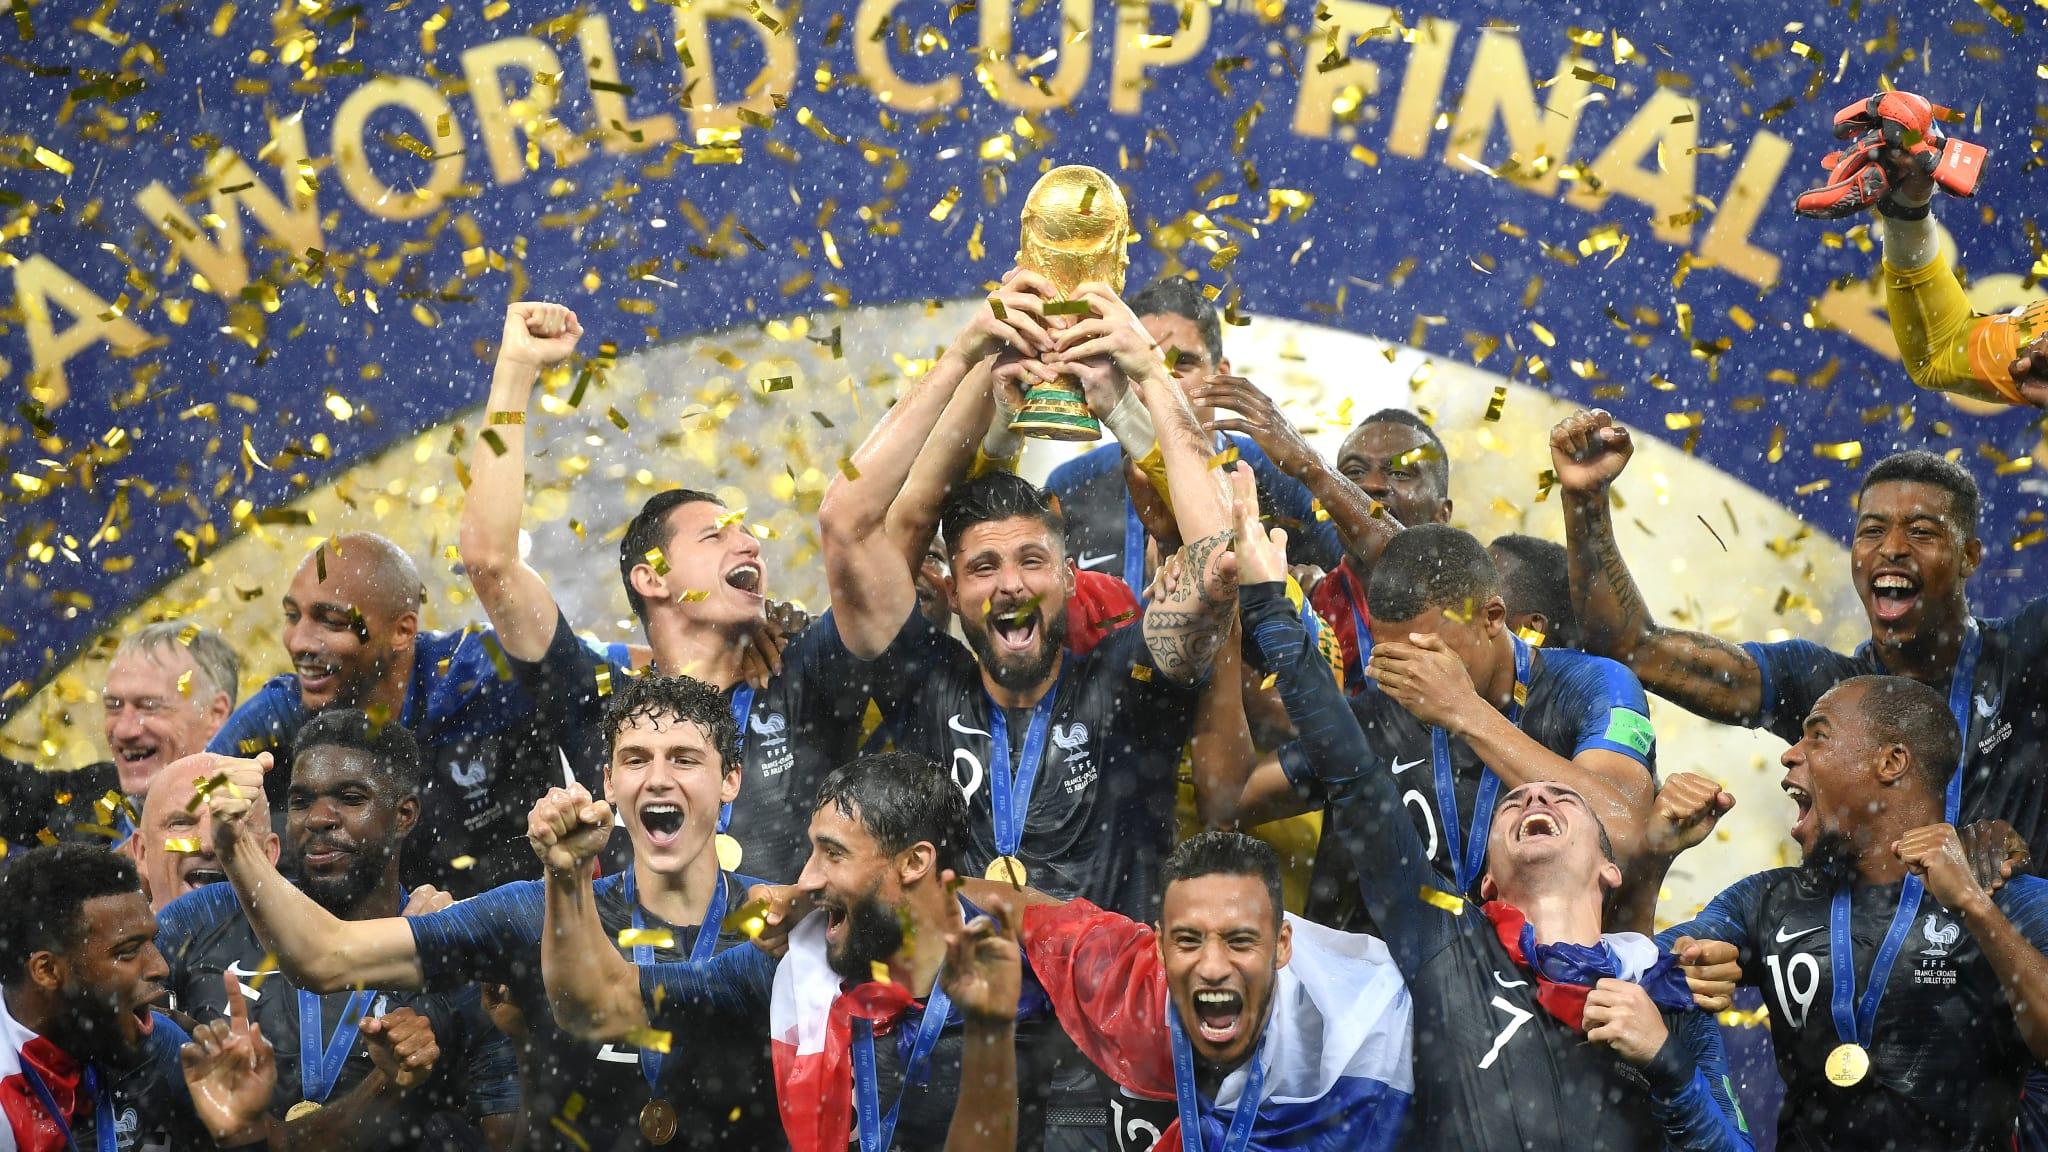 Pháp vô địch World Cup sau cơn mưa bàn thắng